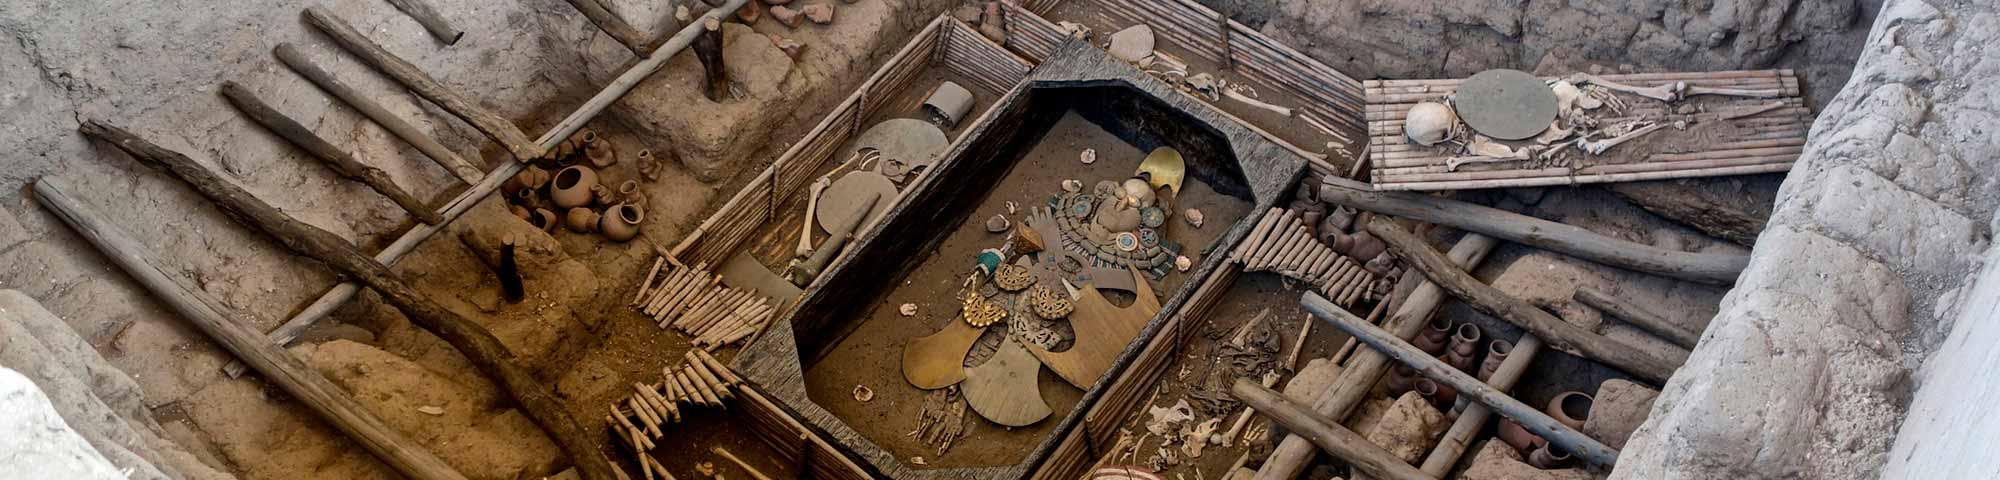 Museo de Sitio y Complejo Arqueológico Huaca Rajada - Sipán